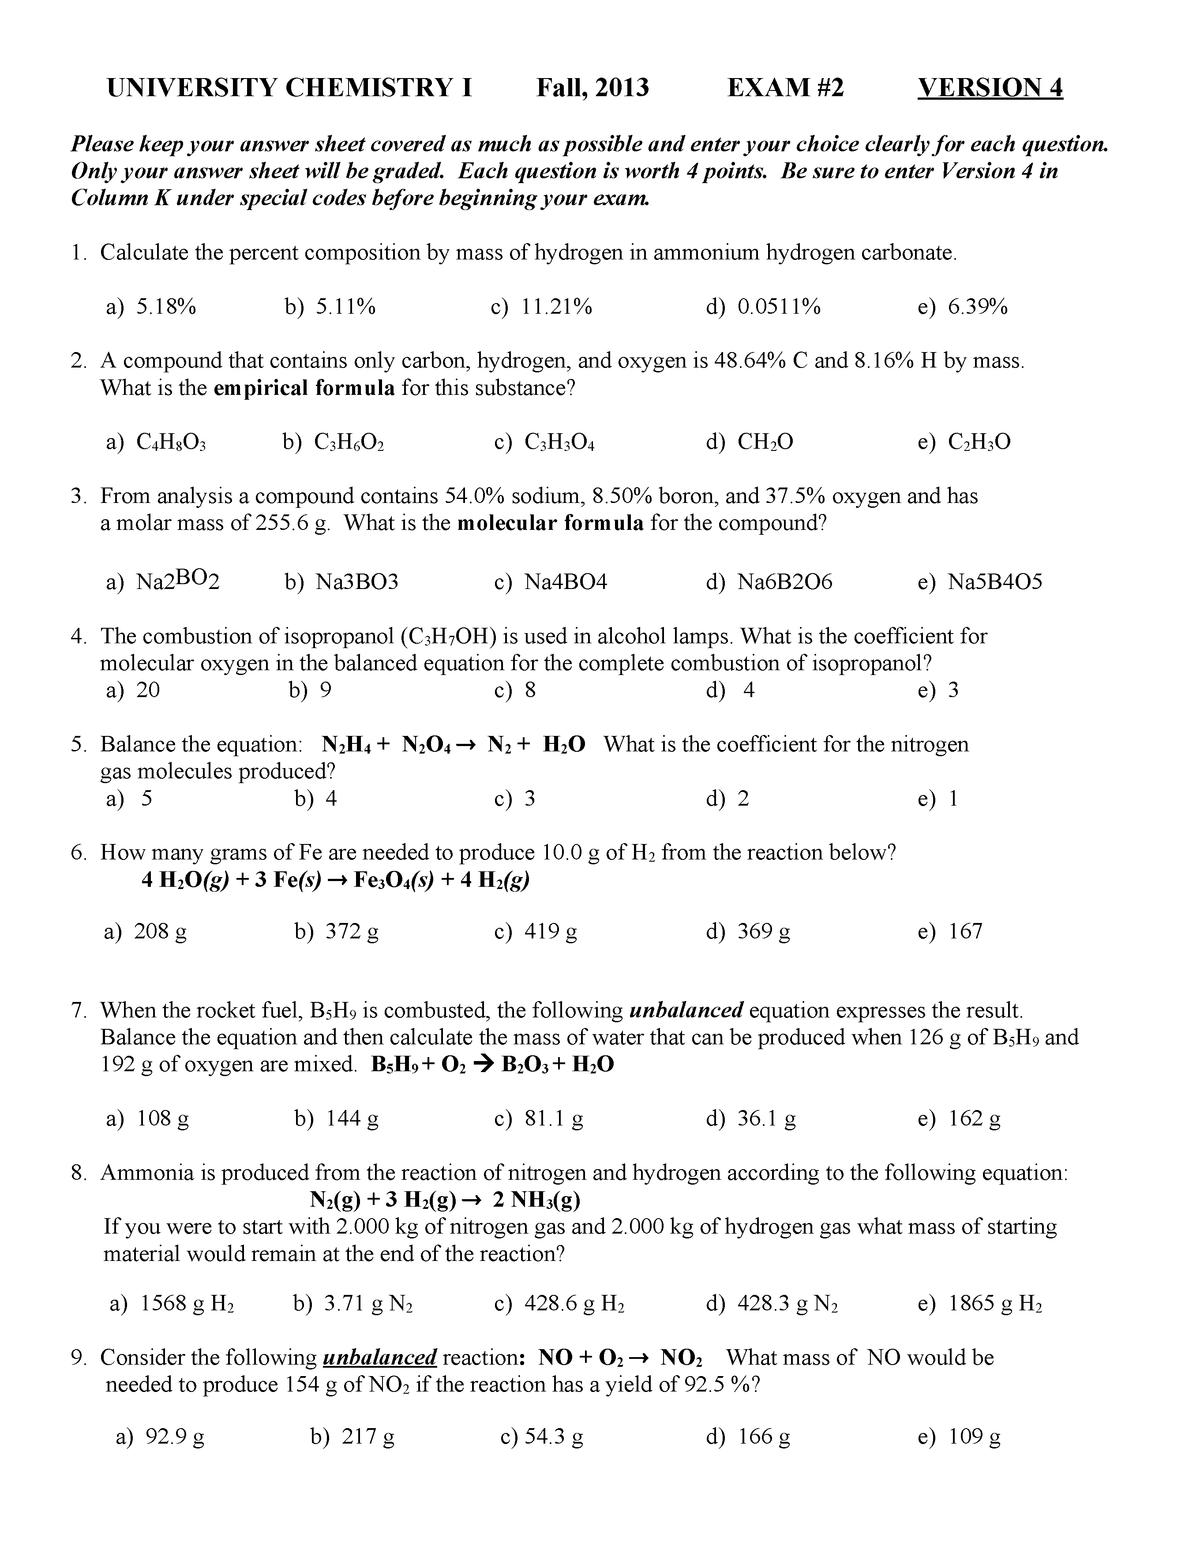 Exam 2015 - CHEM 1103: University Chem I - StuDocu